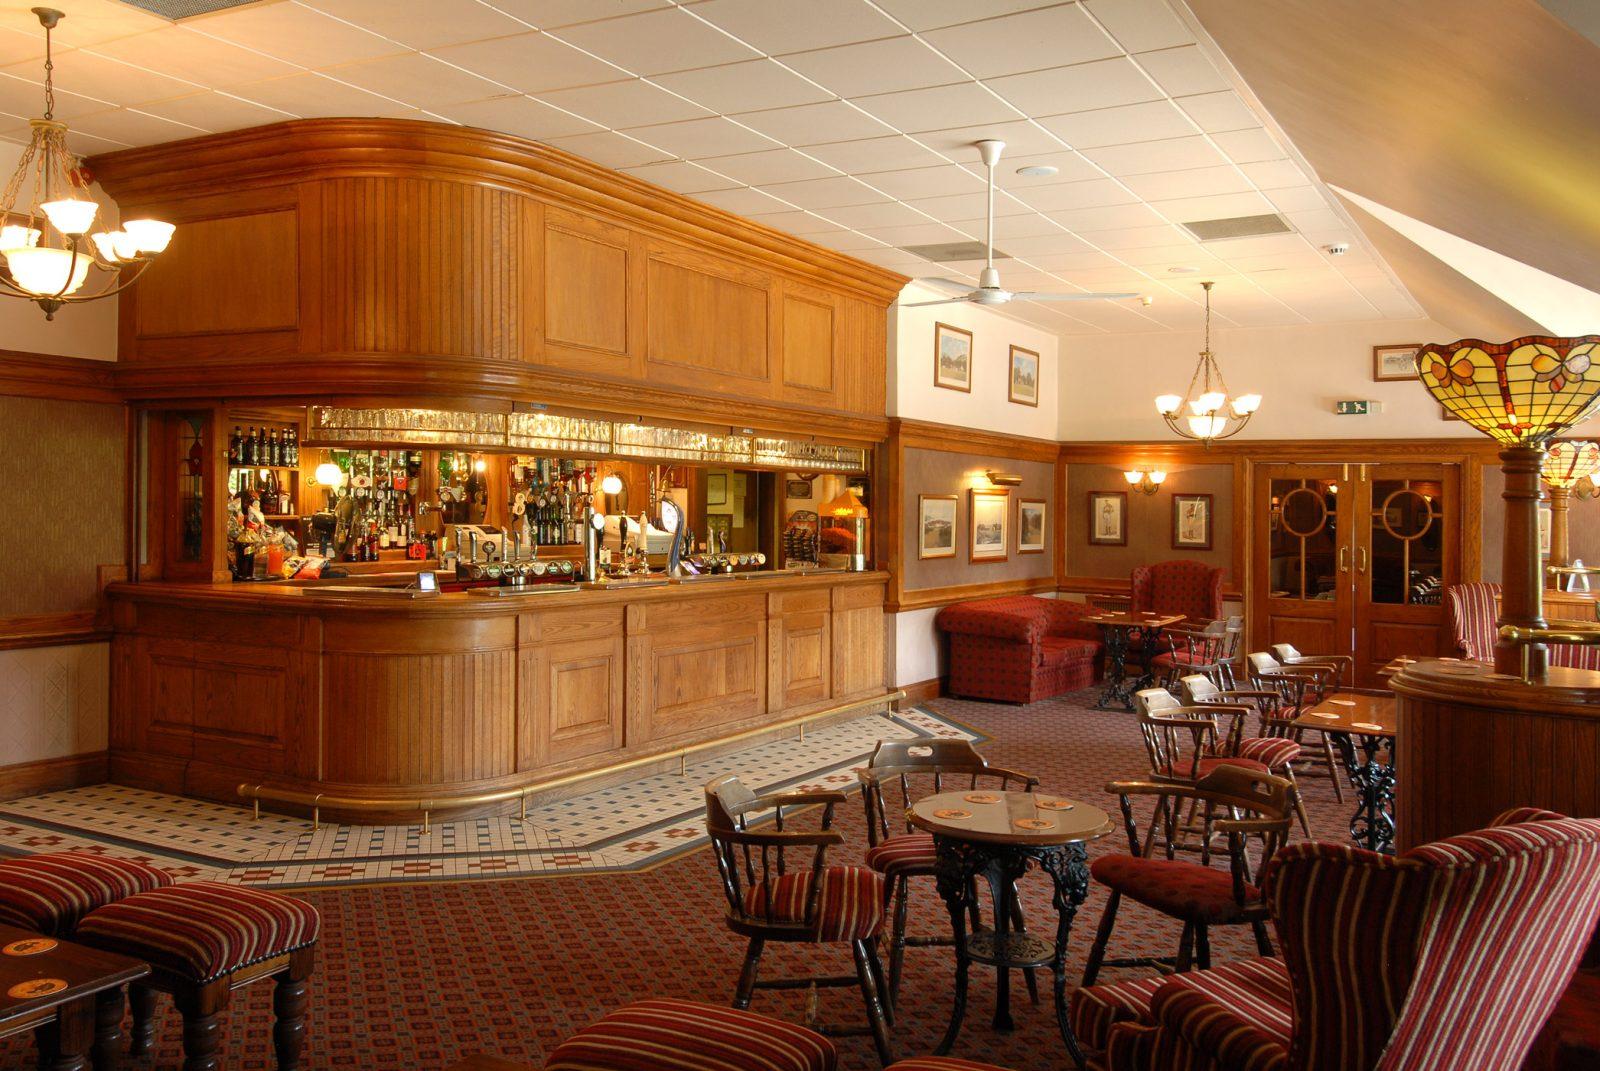 Three Counties Hotel Hereford - Mundi's Bar